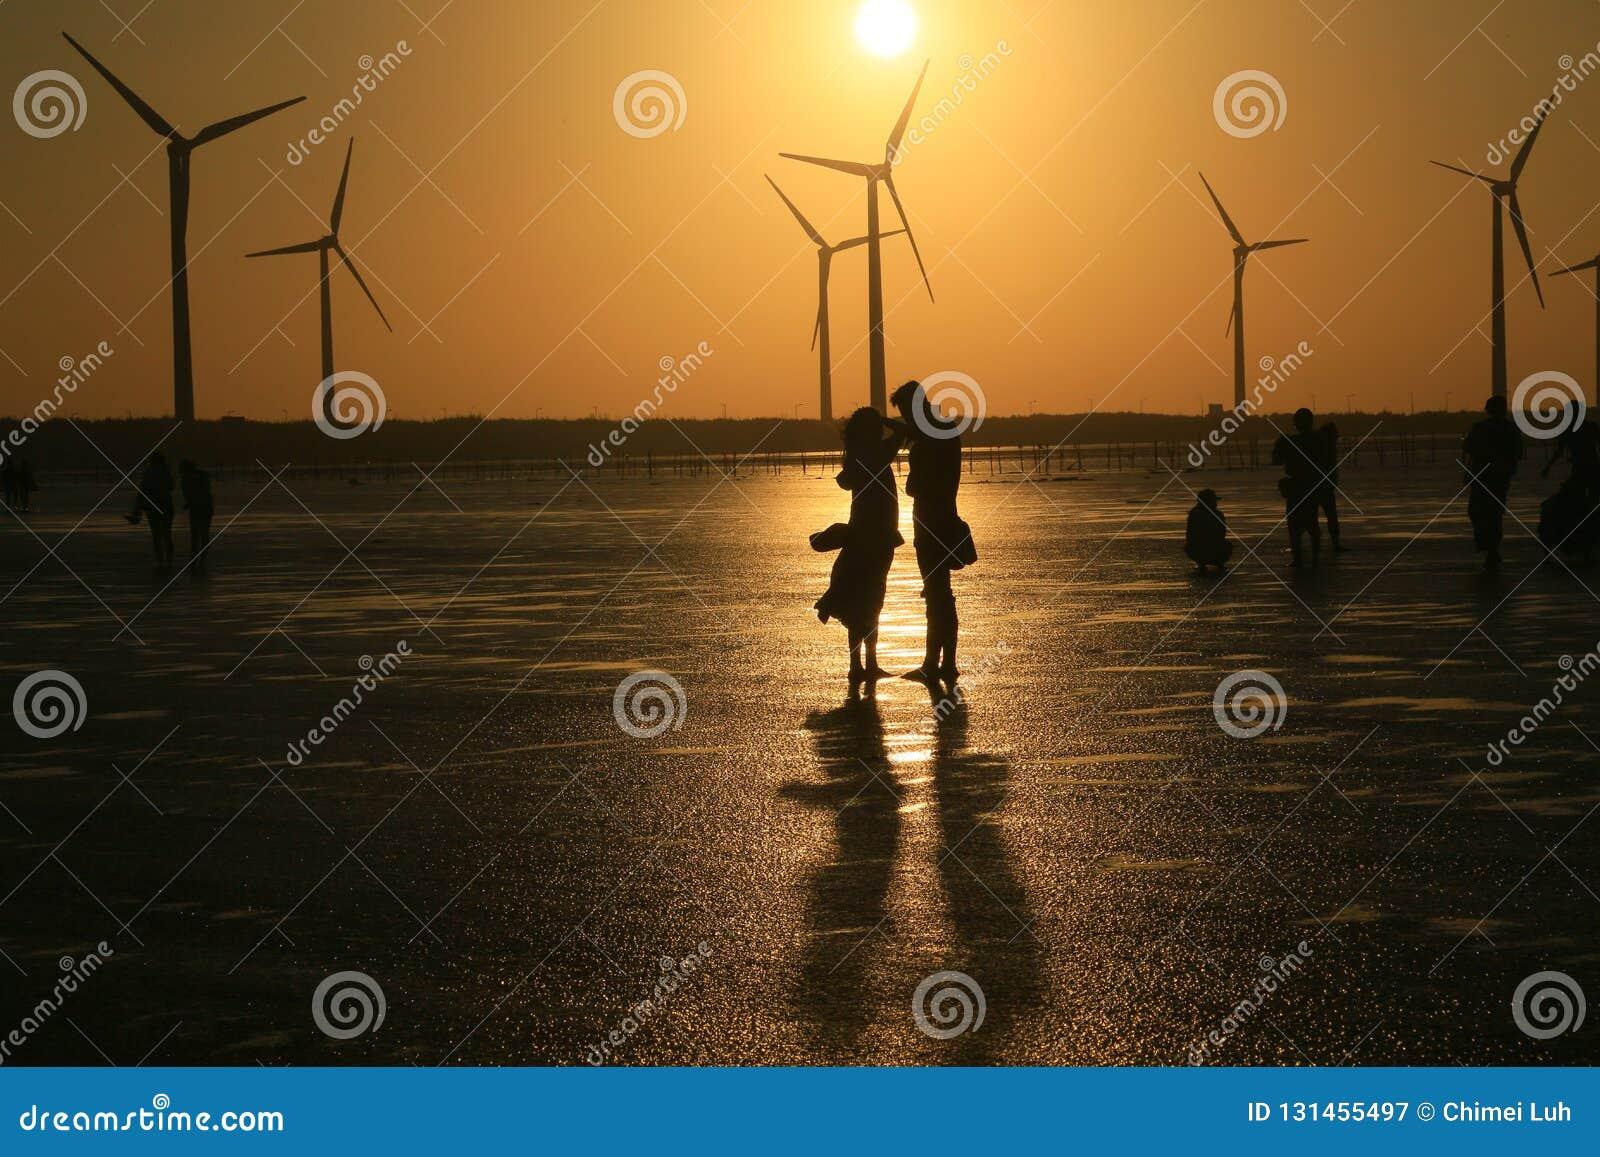 Οι εραστές απολαμβάνουν το χρόνο τους στο ηλιοβασίλεμα